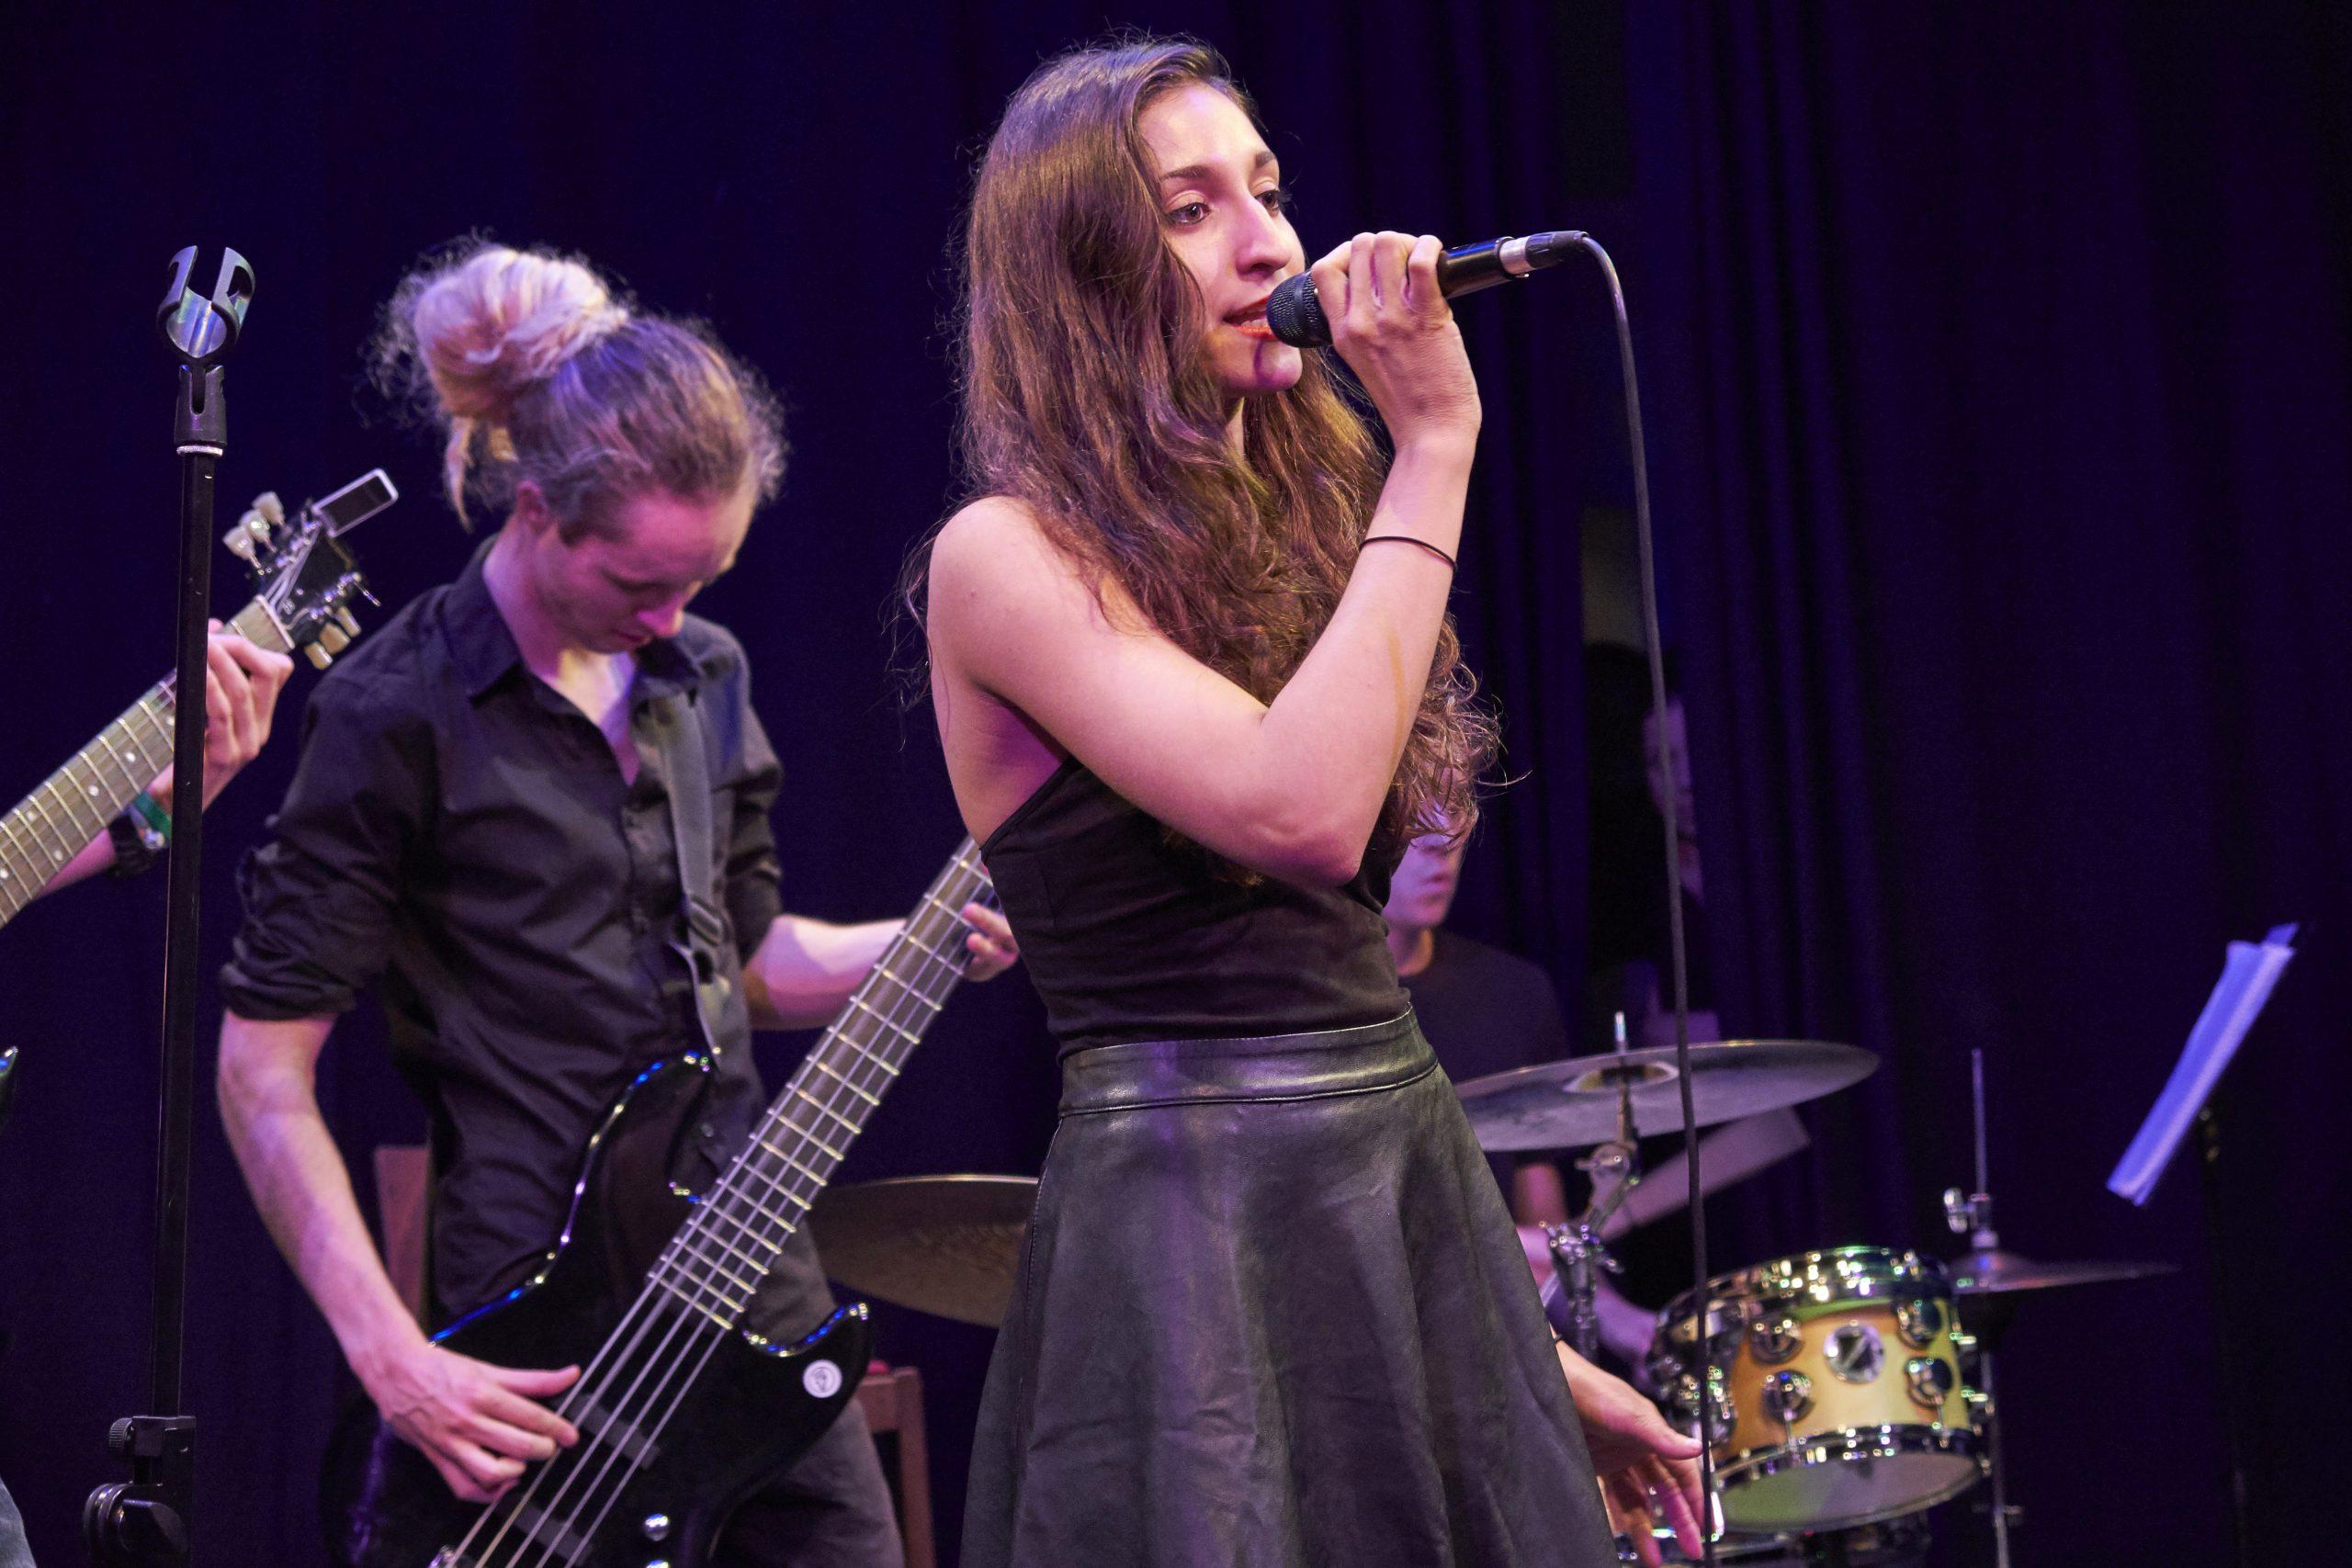 """am 19. März schließt die staatlich anerkannte Berufsfachschule für Musik ihr dreiwöchiges Erasmus+ Lernmodul """"Rock & Pop Classics"""" mit dem Konzert """"Do it again"""" im Cord Club ab."""